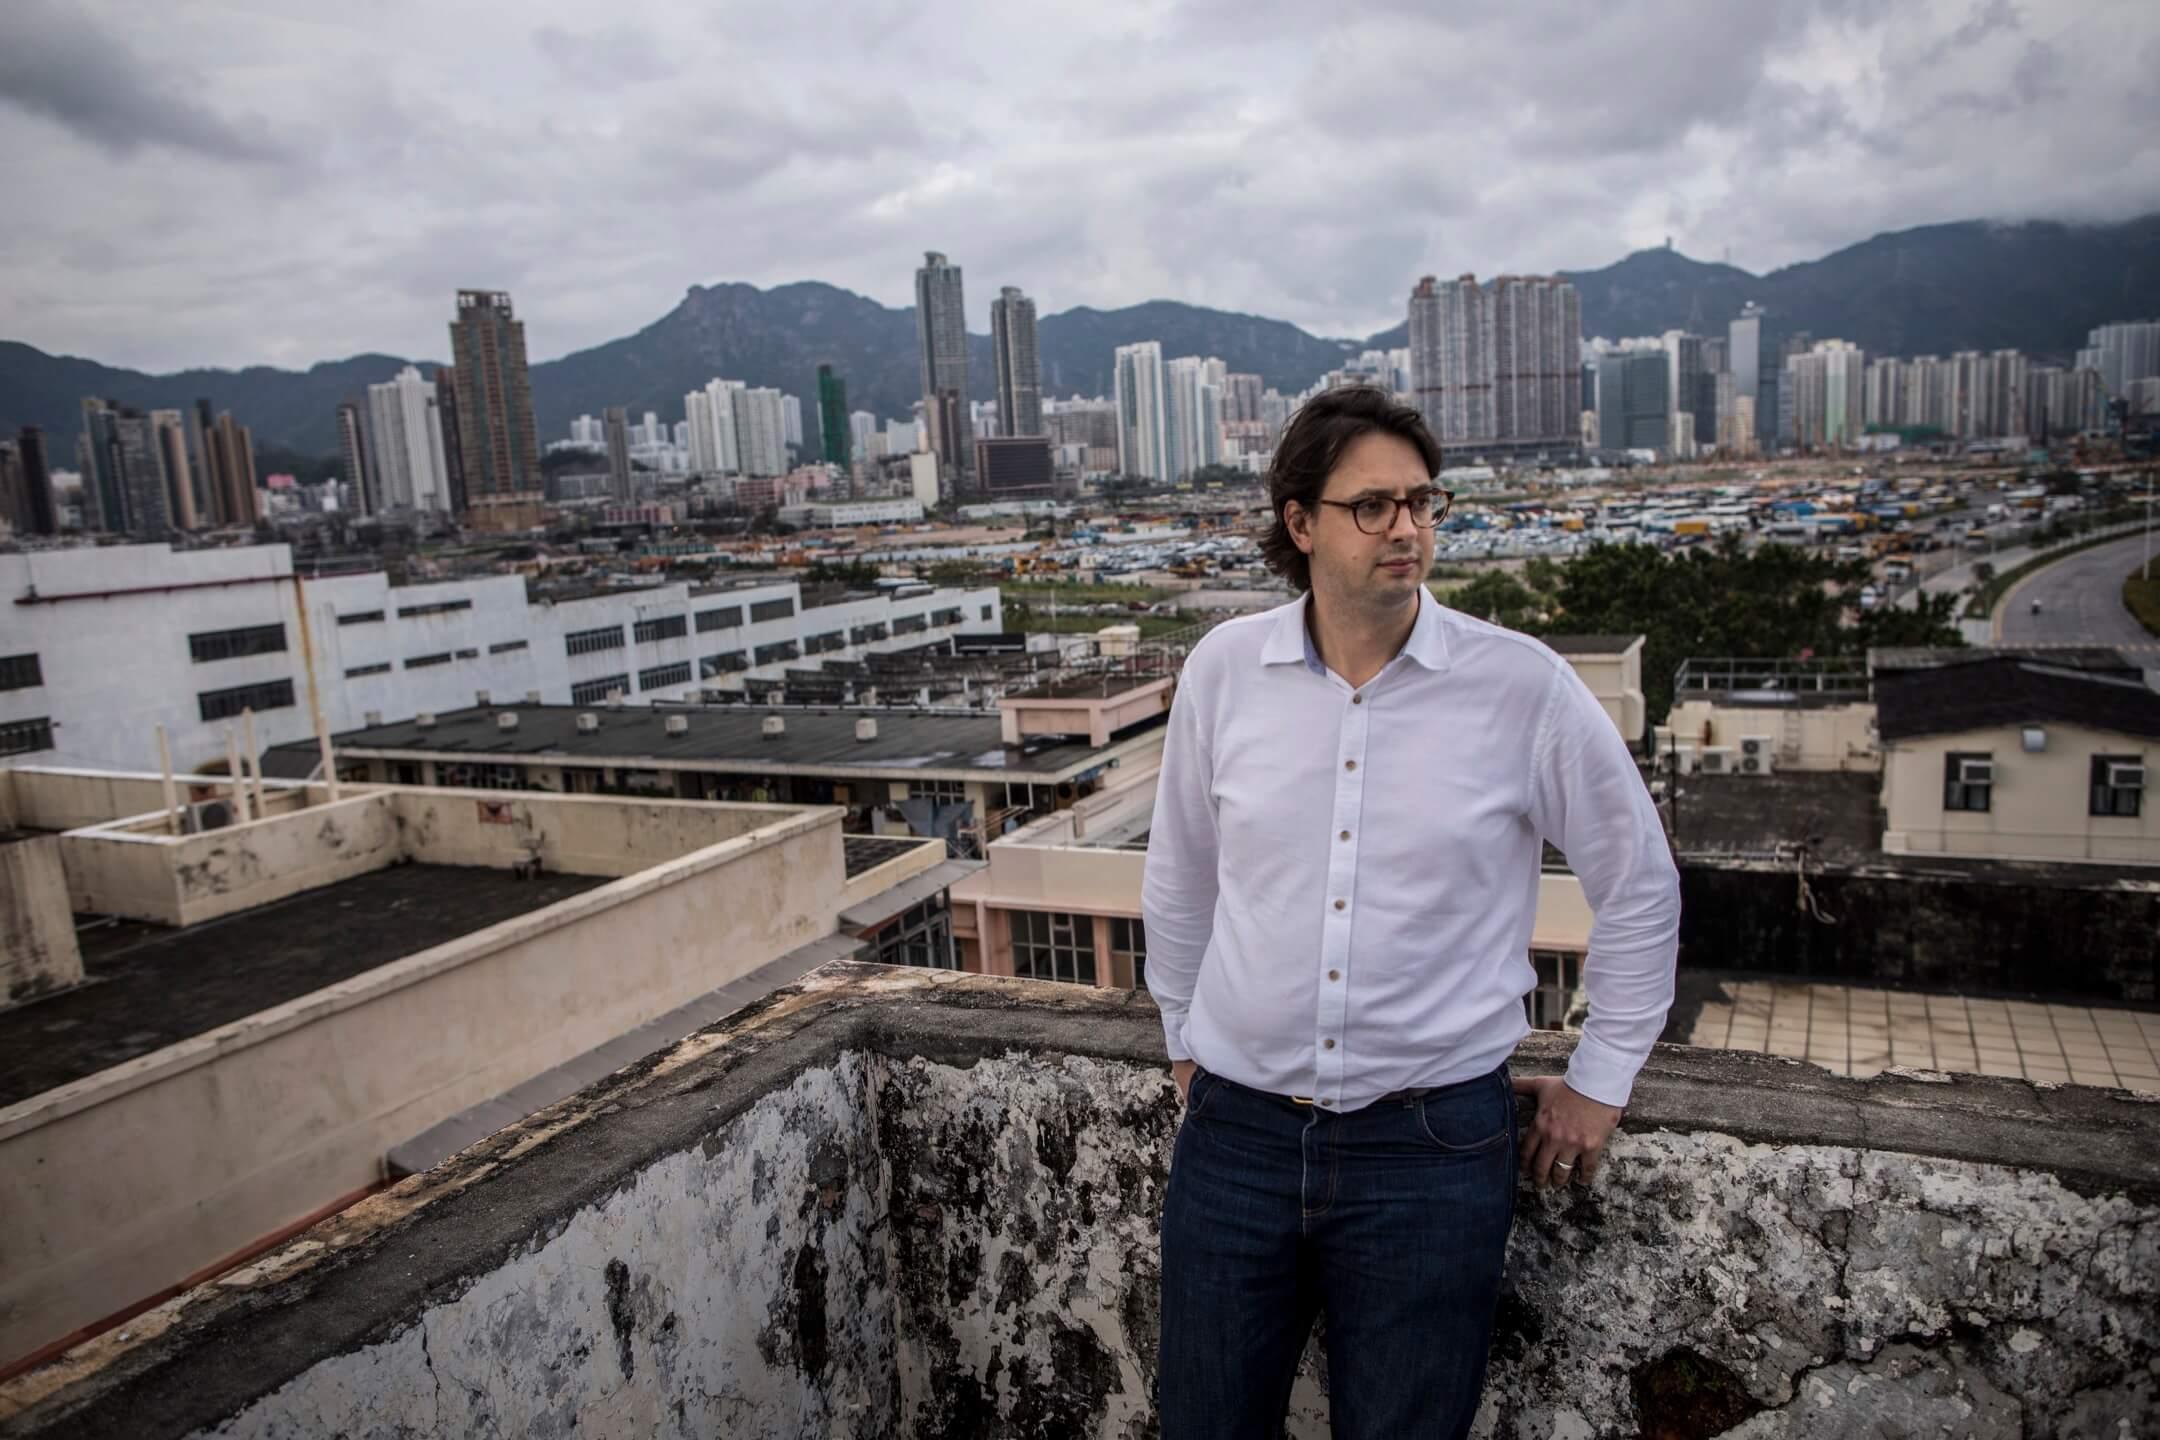 杜浩綸說:「沒錯,香港正經歷某種創傷後遺,明白到我們能帶來改變的力量如此微弱,確實令人沮喪。」紀錄片《分域大道》導演杜浩綸。 攝:Stanley Leung/端傳媒